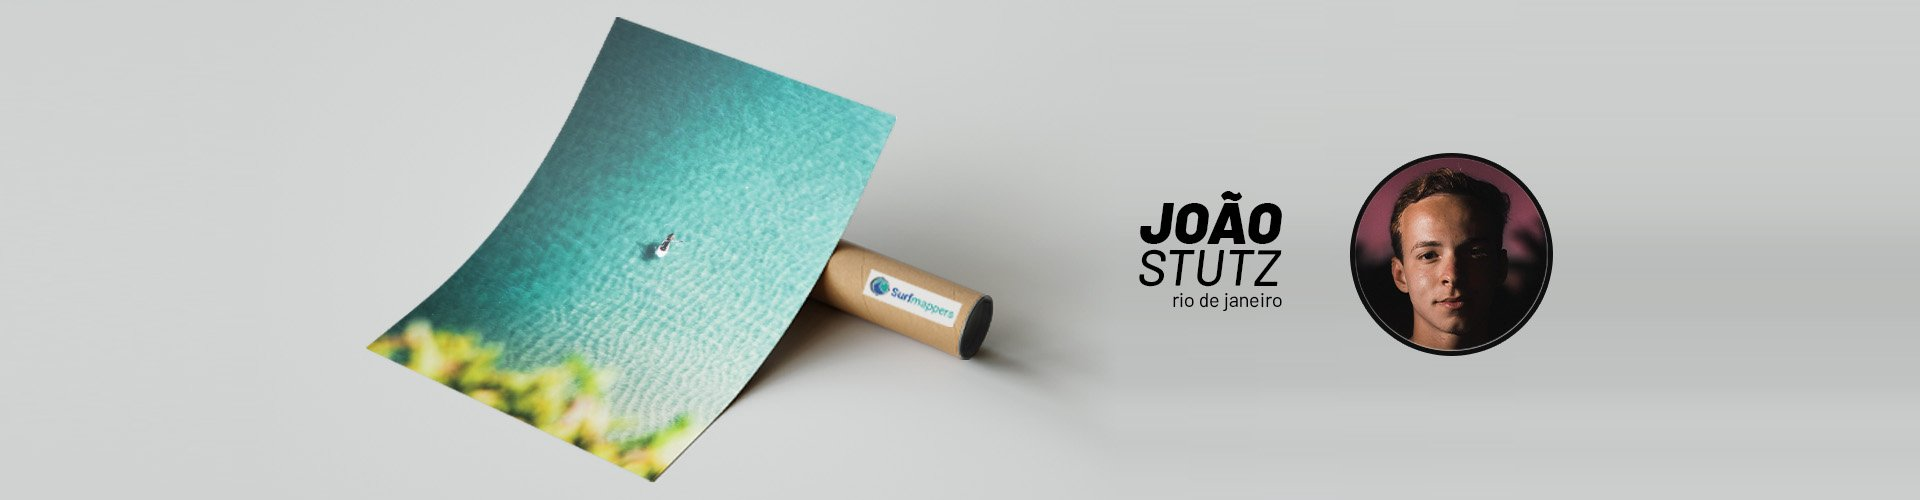 Página Artista | João Stutz